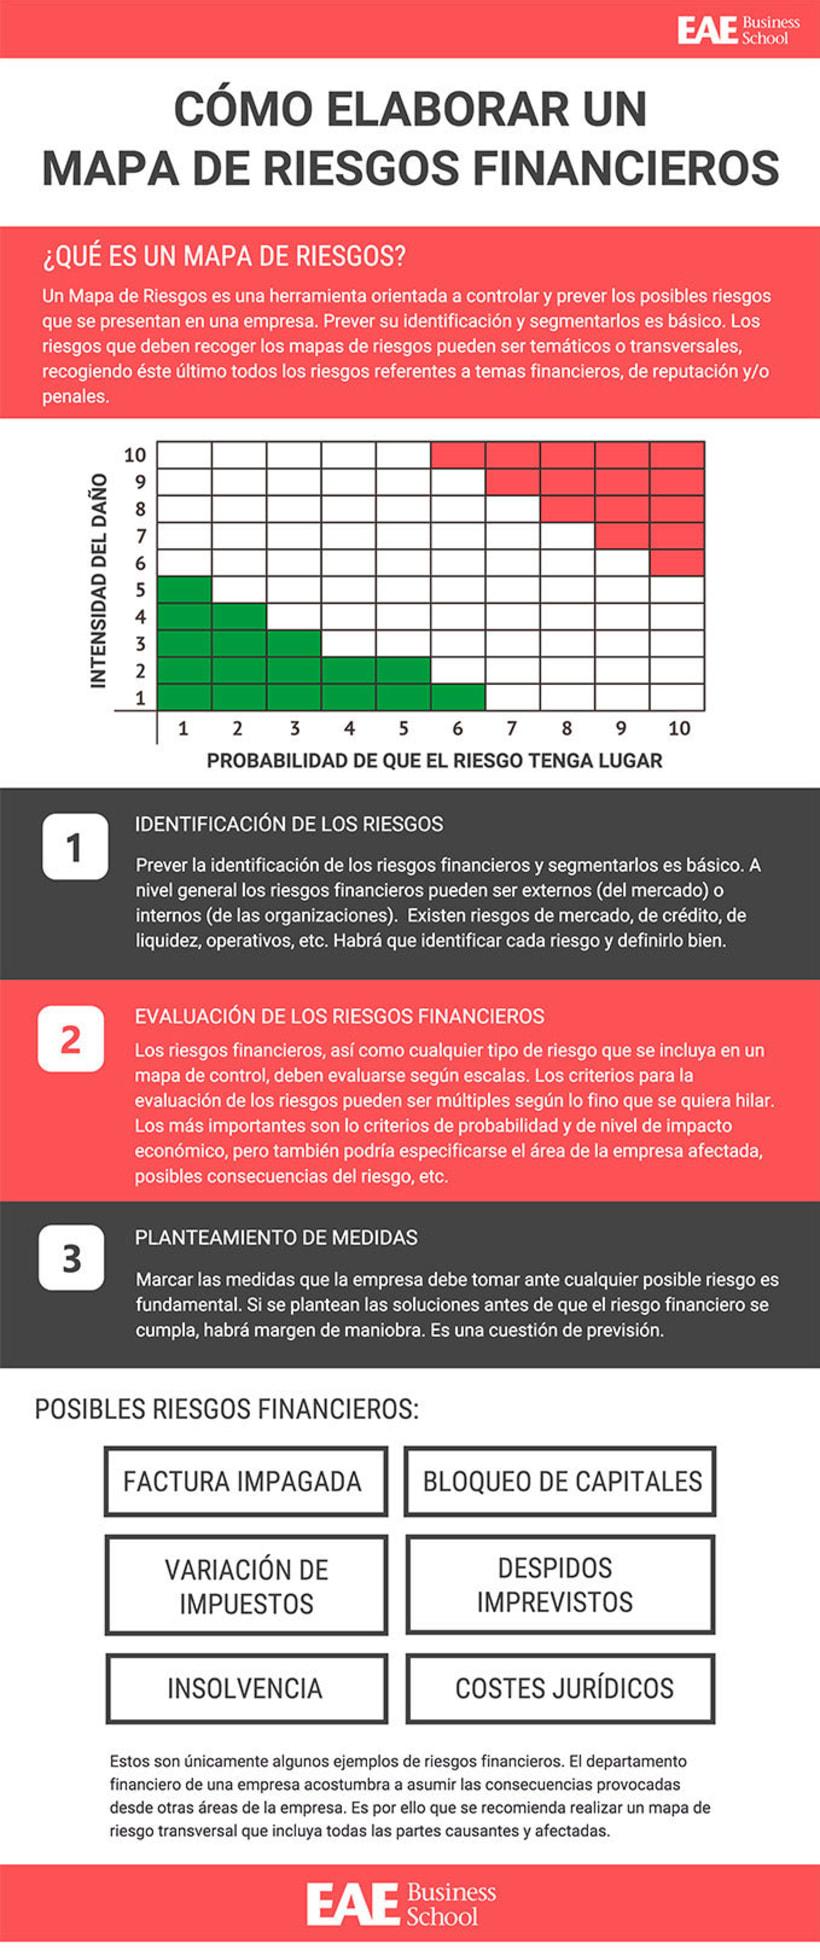 Cómo elaborar un mapa de riesgos financieros -1